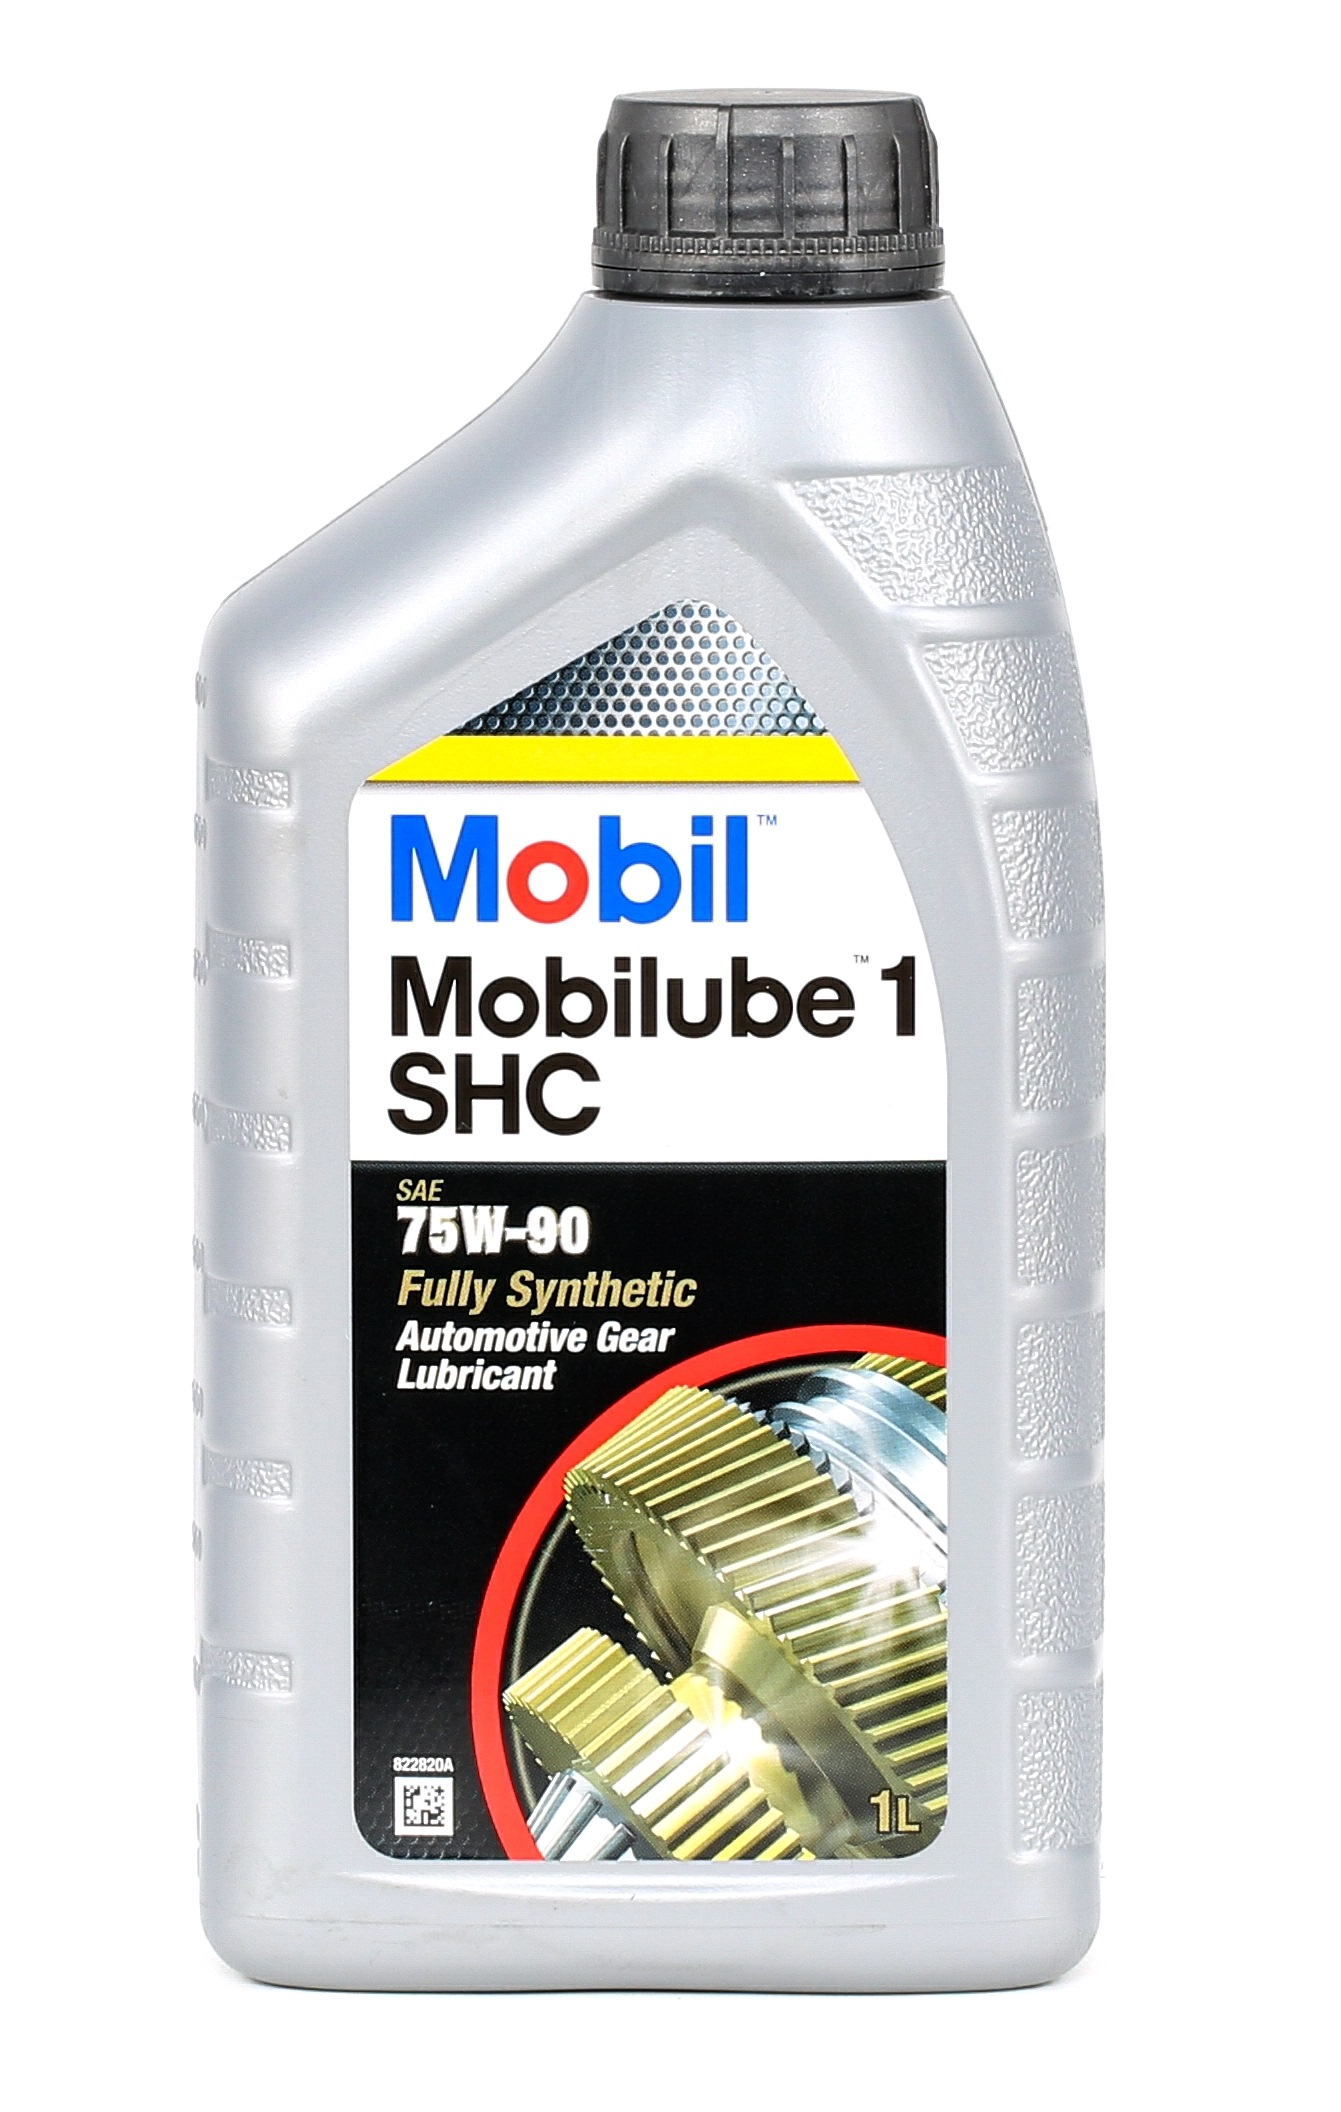 MOBIL: Original Kardanwellen & Differential 142803 (API GL-5, MT-1, 341 Typ E3, 341 Typ Z2, 342 Typ S1, JSC AvtodiselYaMZ Gb, KOMATSU 195326199004, MB Approval 235.8, ZF TE-ML 02B, ZF TE-ML 05B, ZF TE-ML 12L, ZF TE-ML 12N, ZF TE-ML 16F, ZF TE-ML 17B, ZF TE-ML 19C)